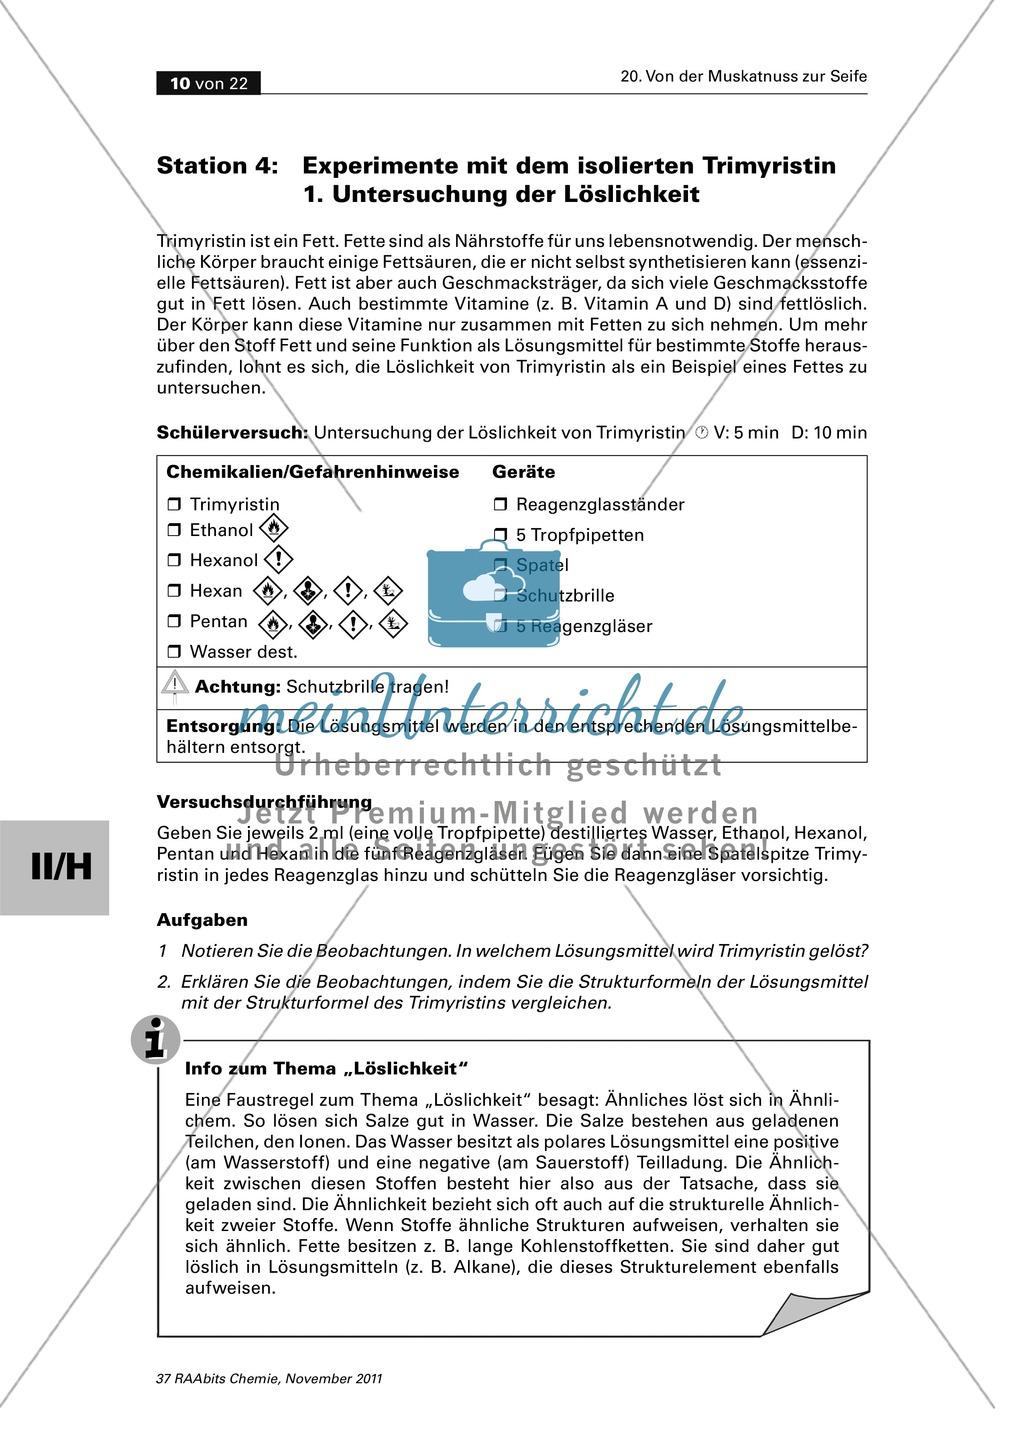 Das Triglycerid Trimyristin - Isolierung aus der Muskatnuss und Untersuchung der Eigenschaften Preview 1